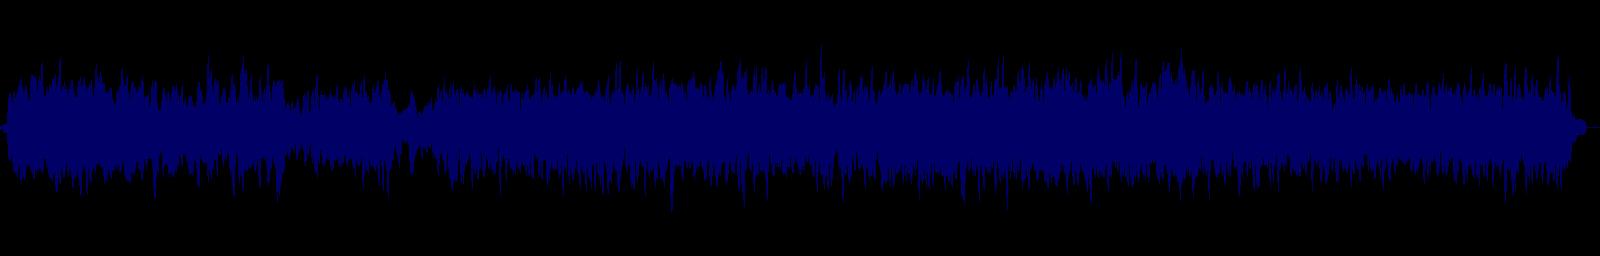 waveform of track #154274